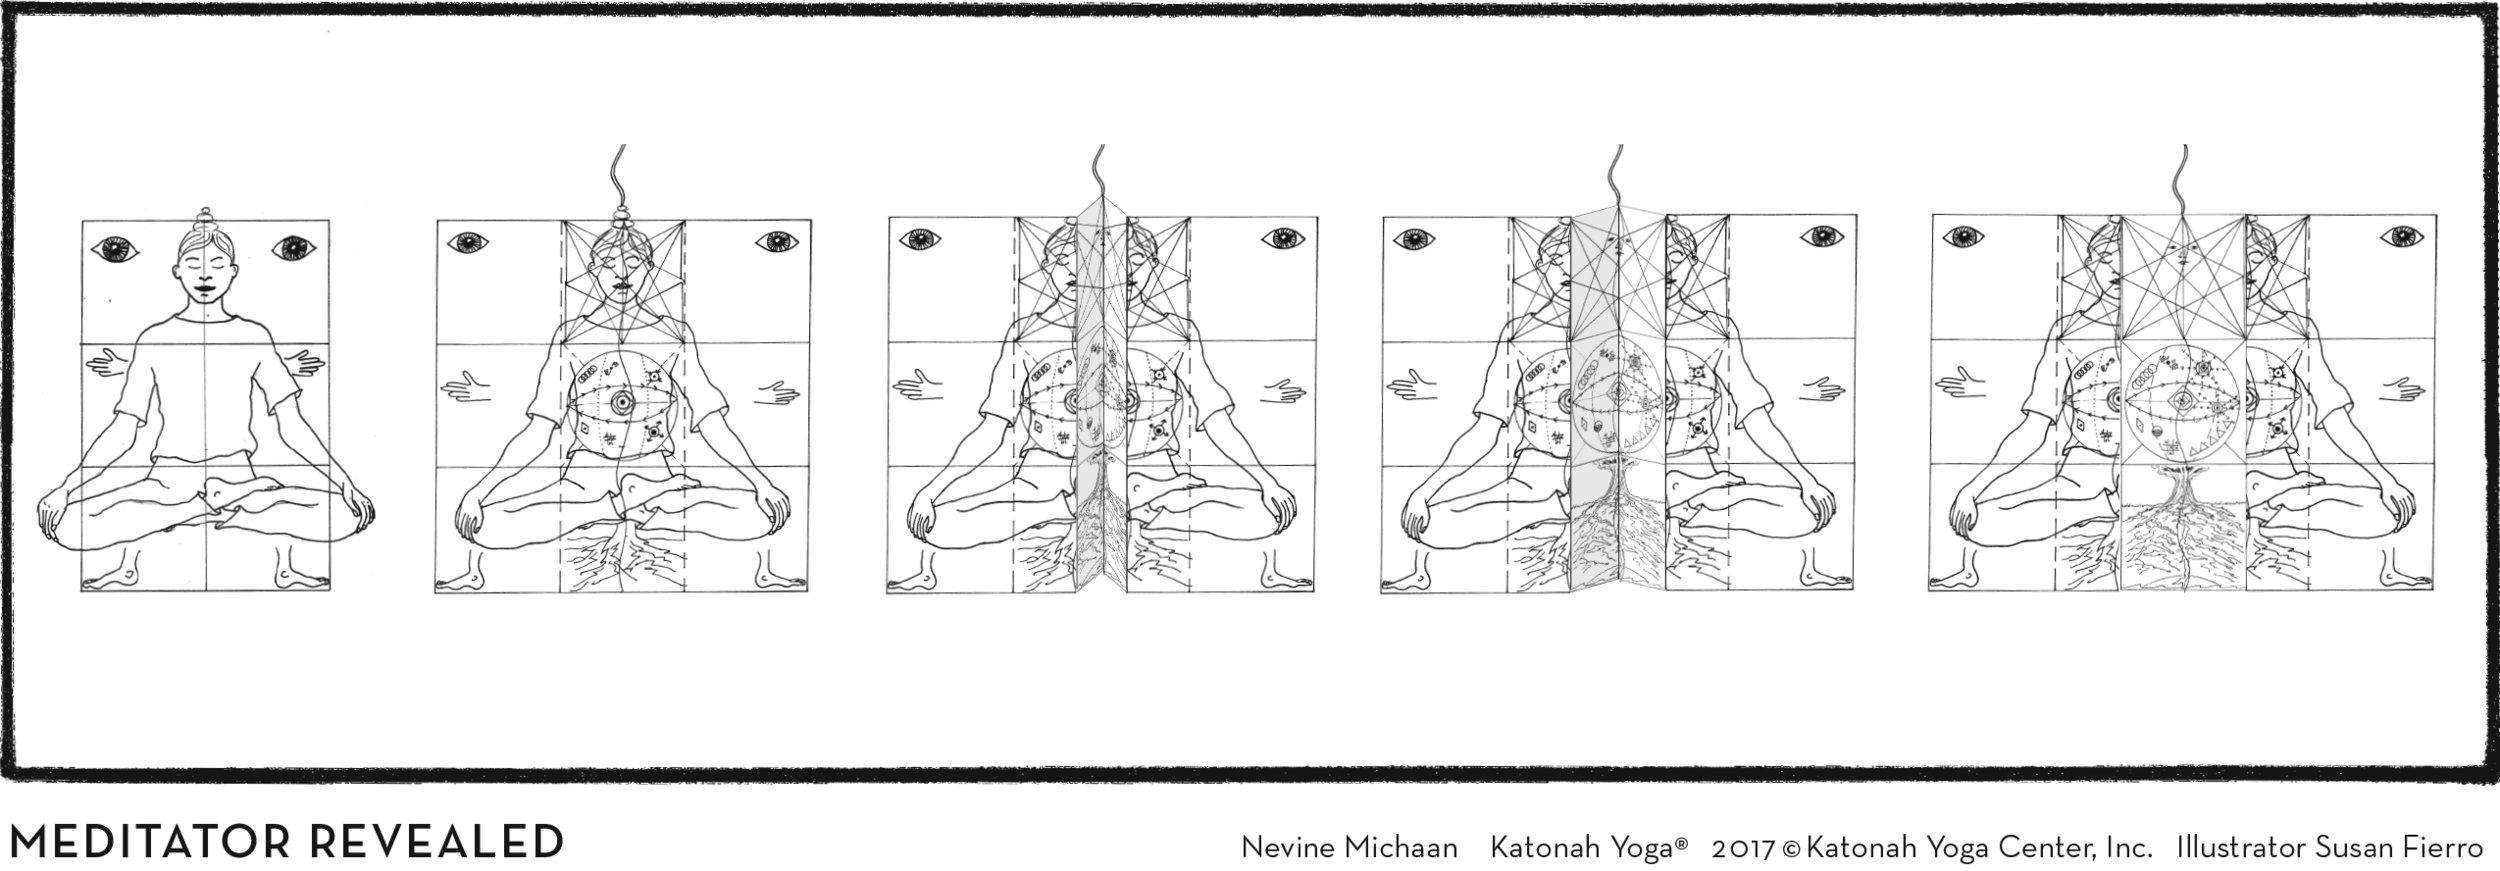 KY_MeditatorReveal.jpg